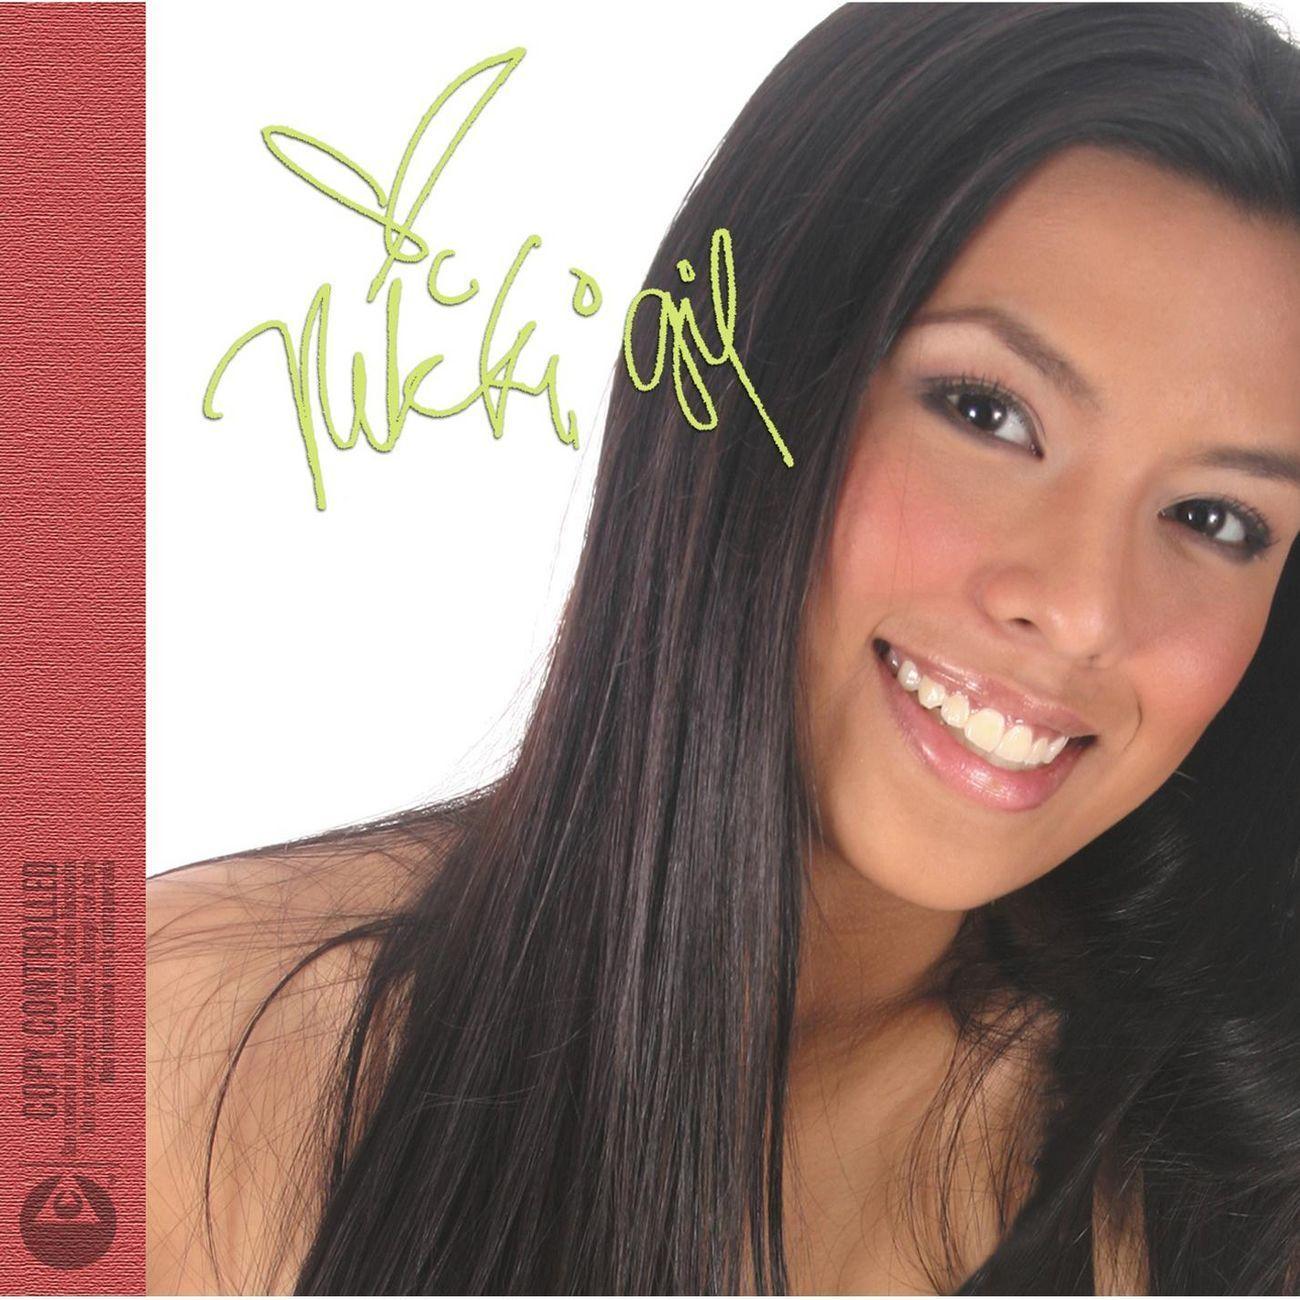 Nikki Gil (b. 1987) nude photos 2019